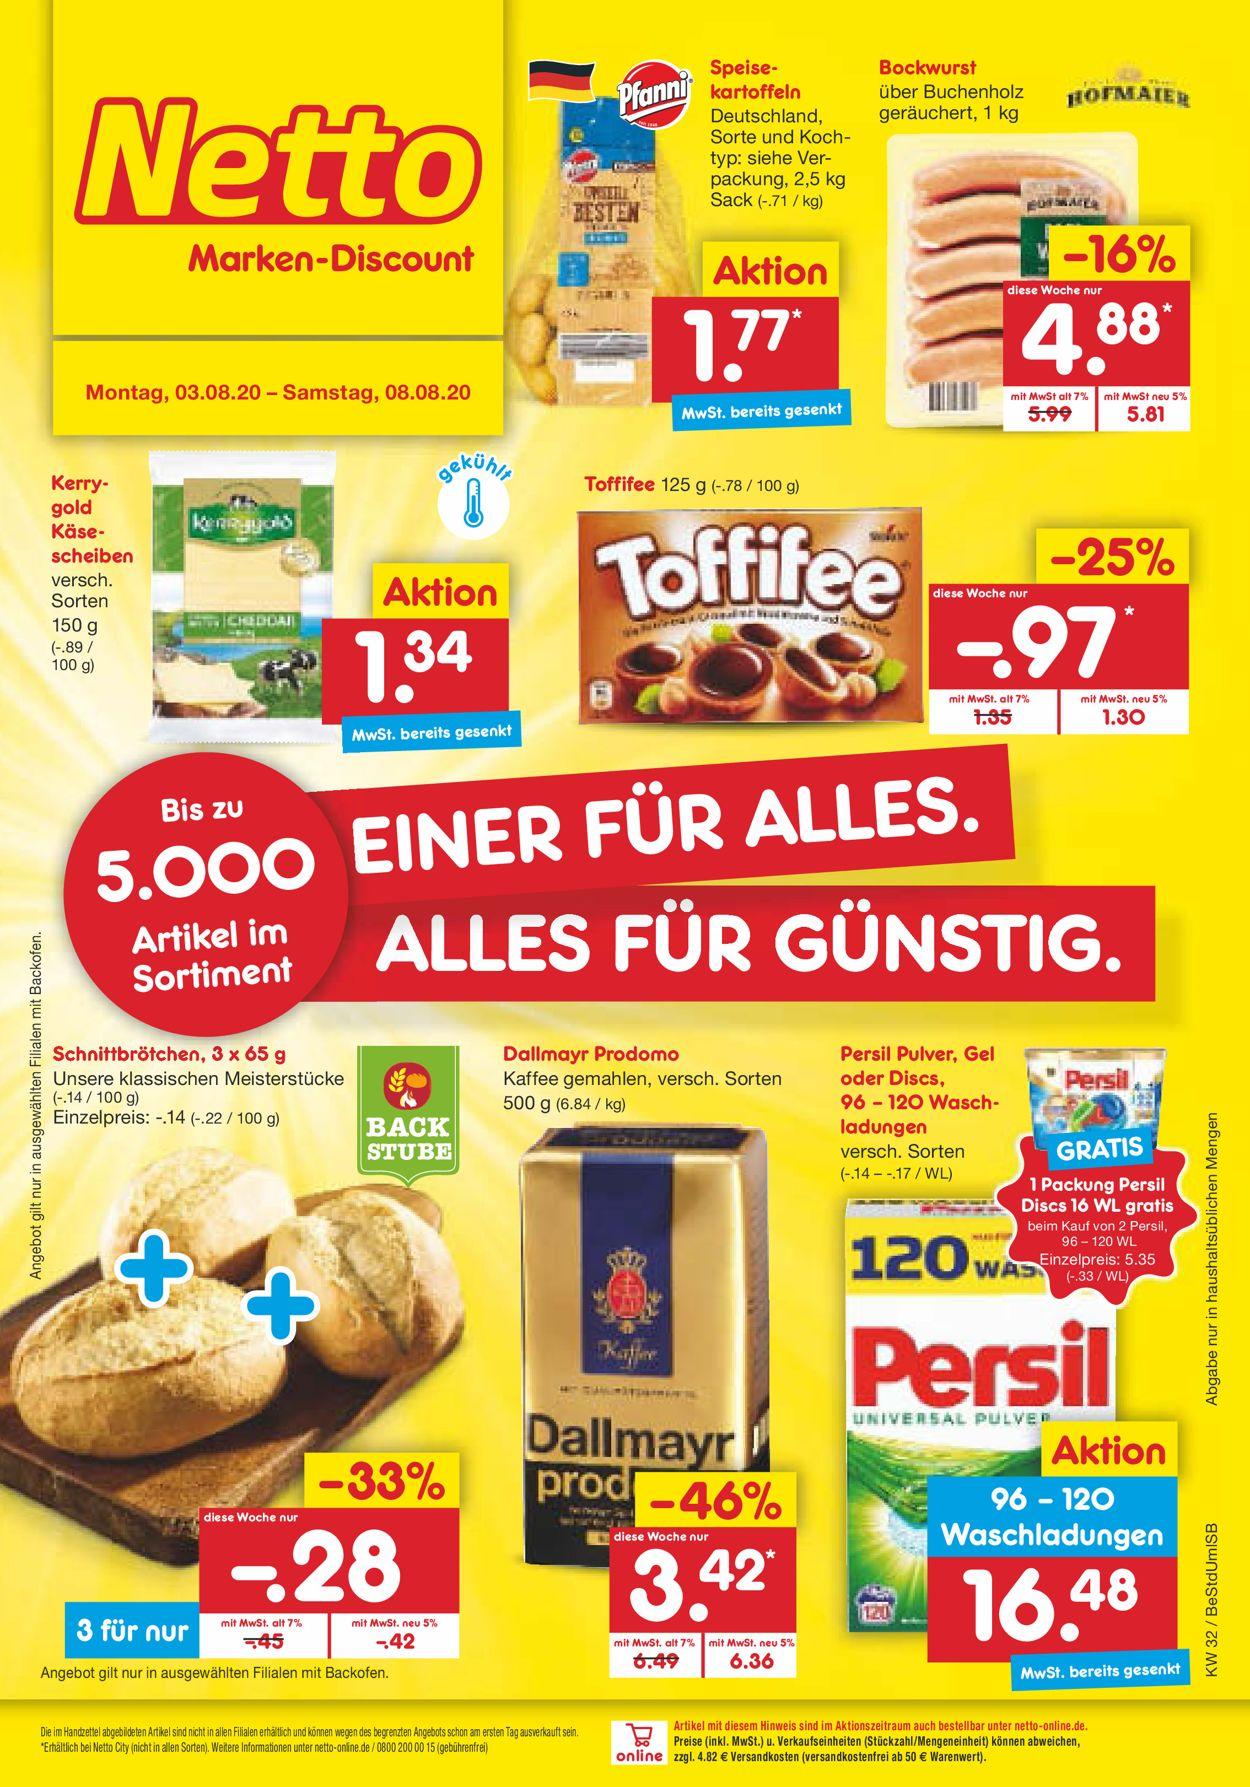 Netto Marken-Discount Prospekt - Aktuell vom 03.08-08.08.2020